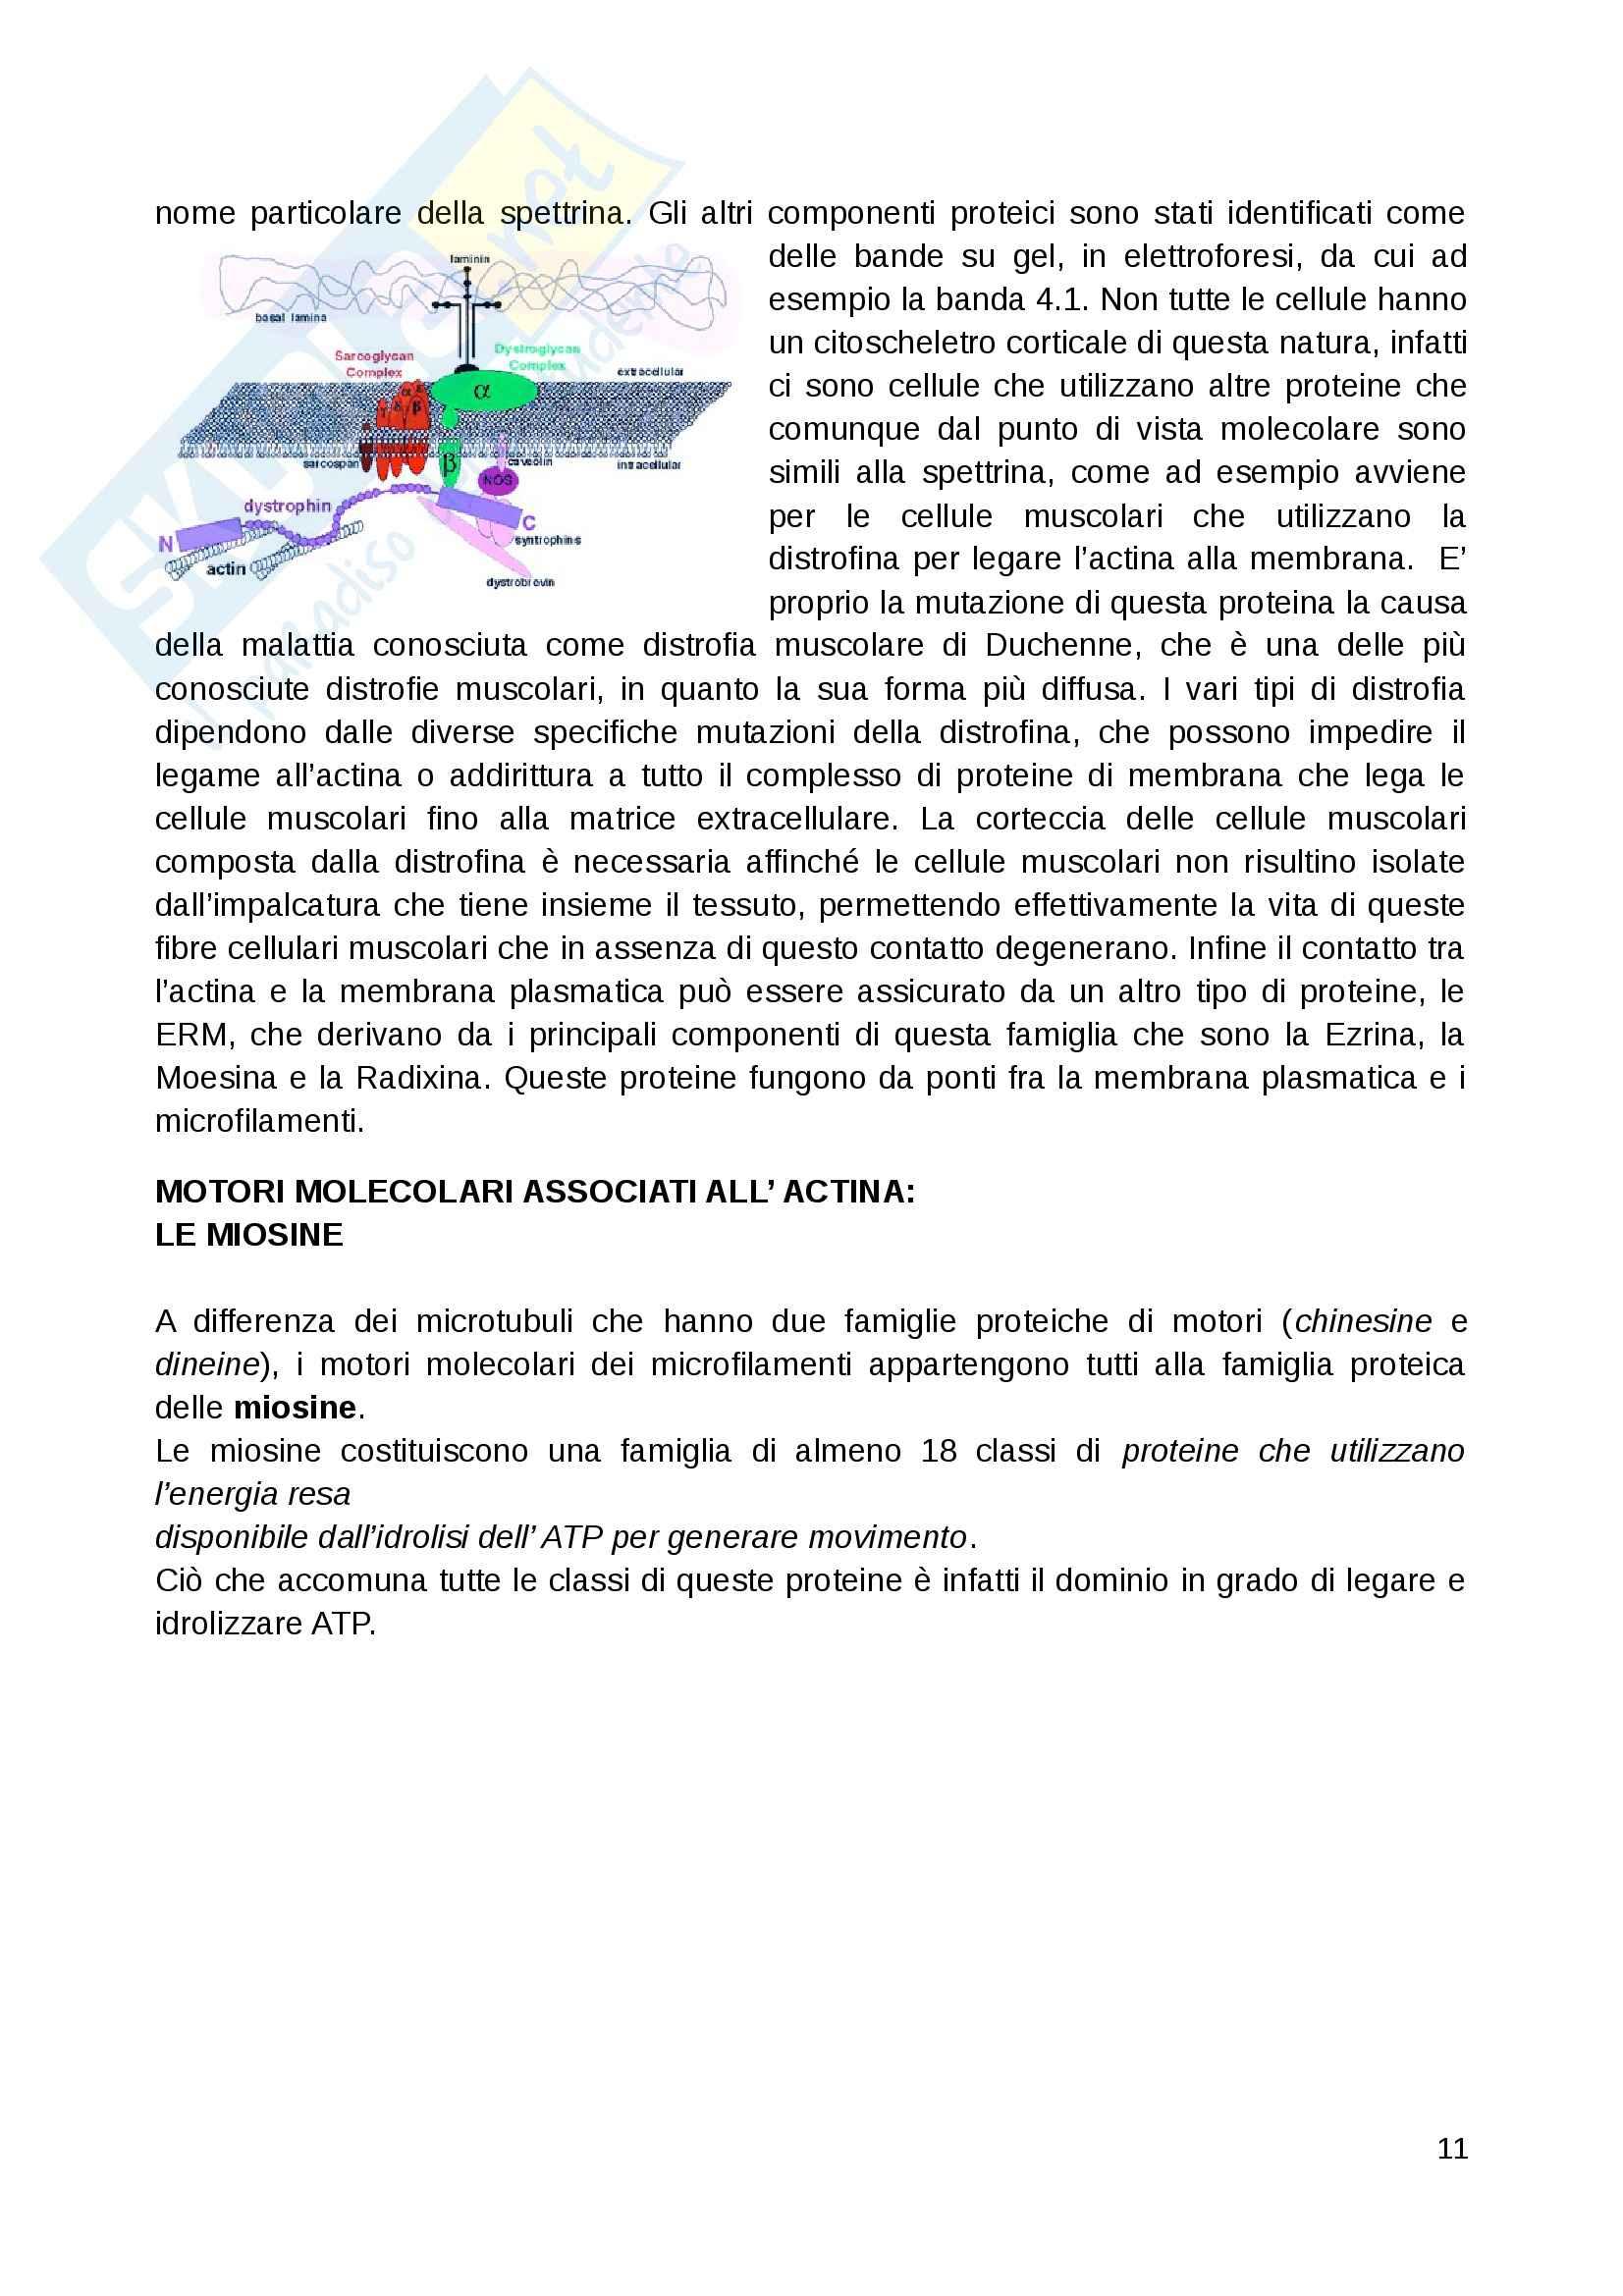 Citologia - microfilamenti e i filamenti intermedi Pag. 11